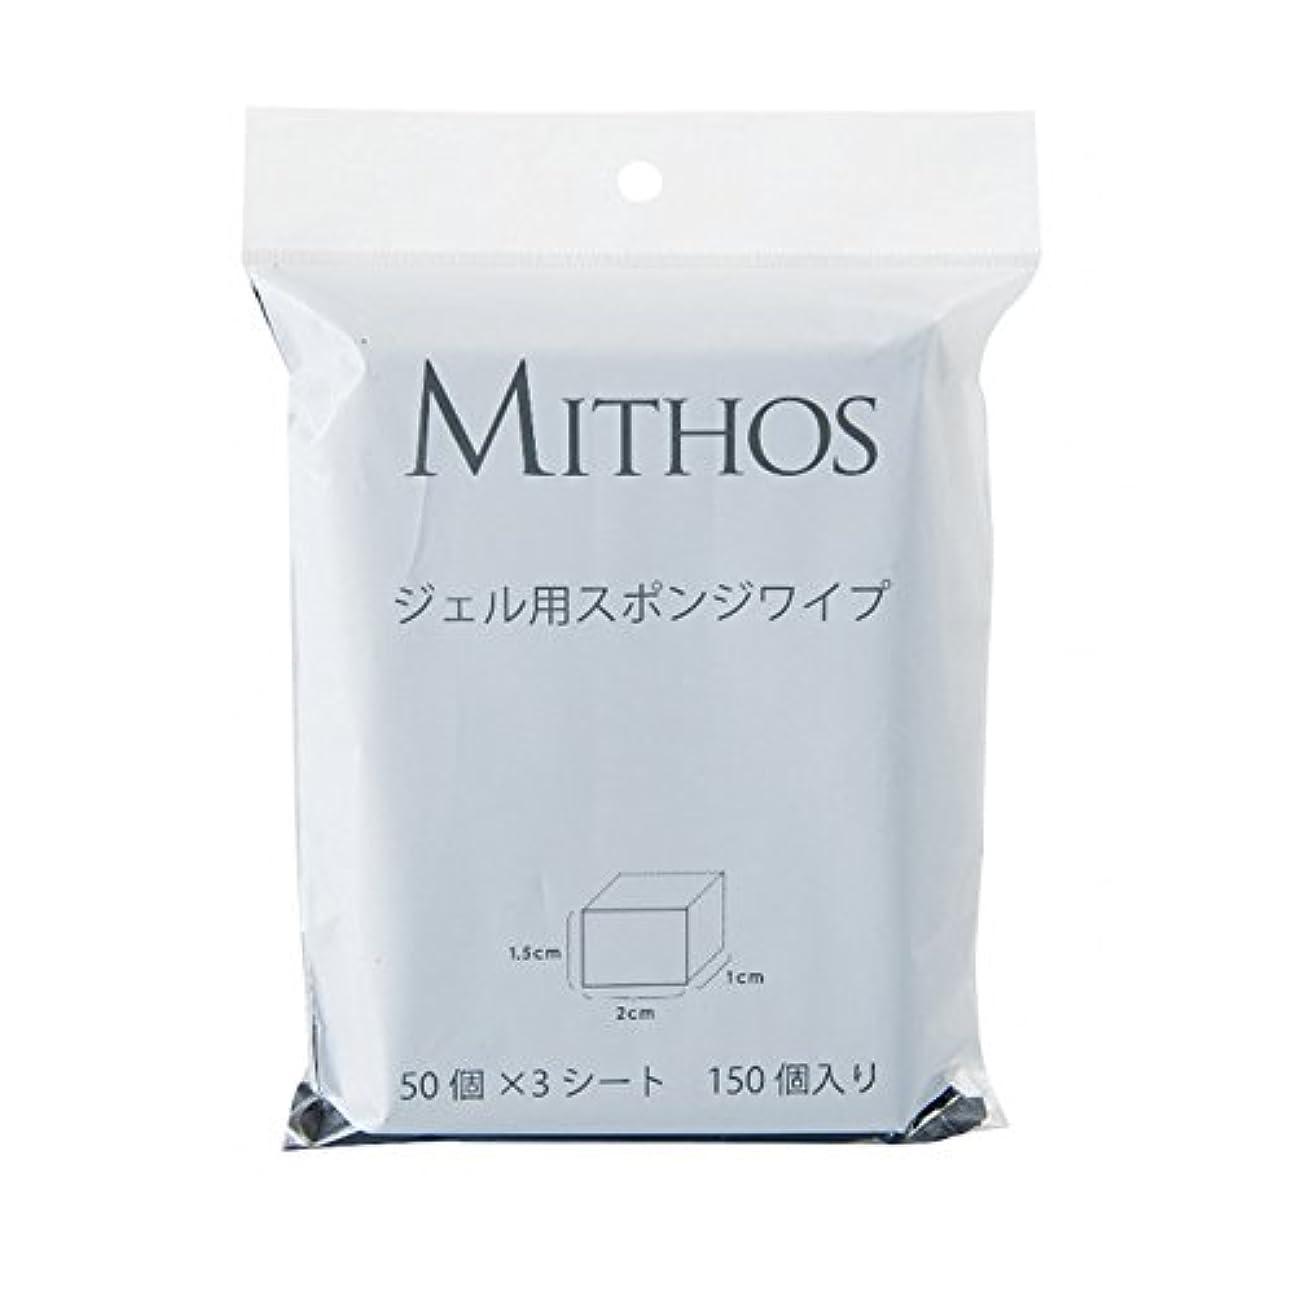 メッセージ覆す着実にMITHOS ジェル用スポンジワイプ 150P 1.5×2×1cm 50個×3シート